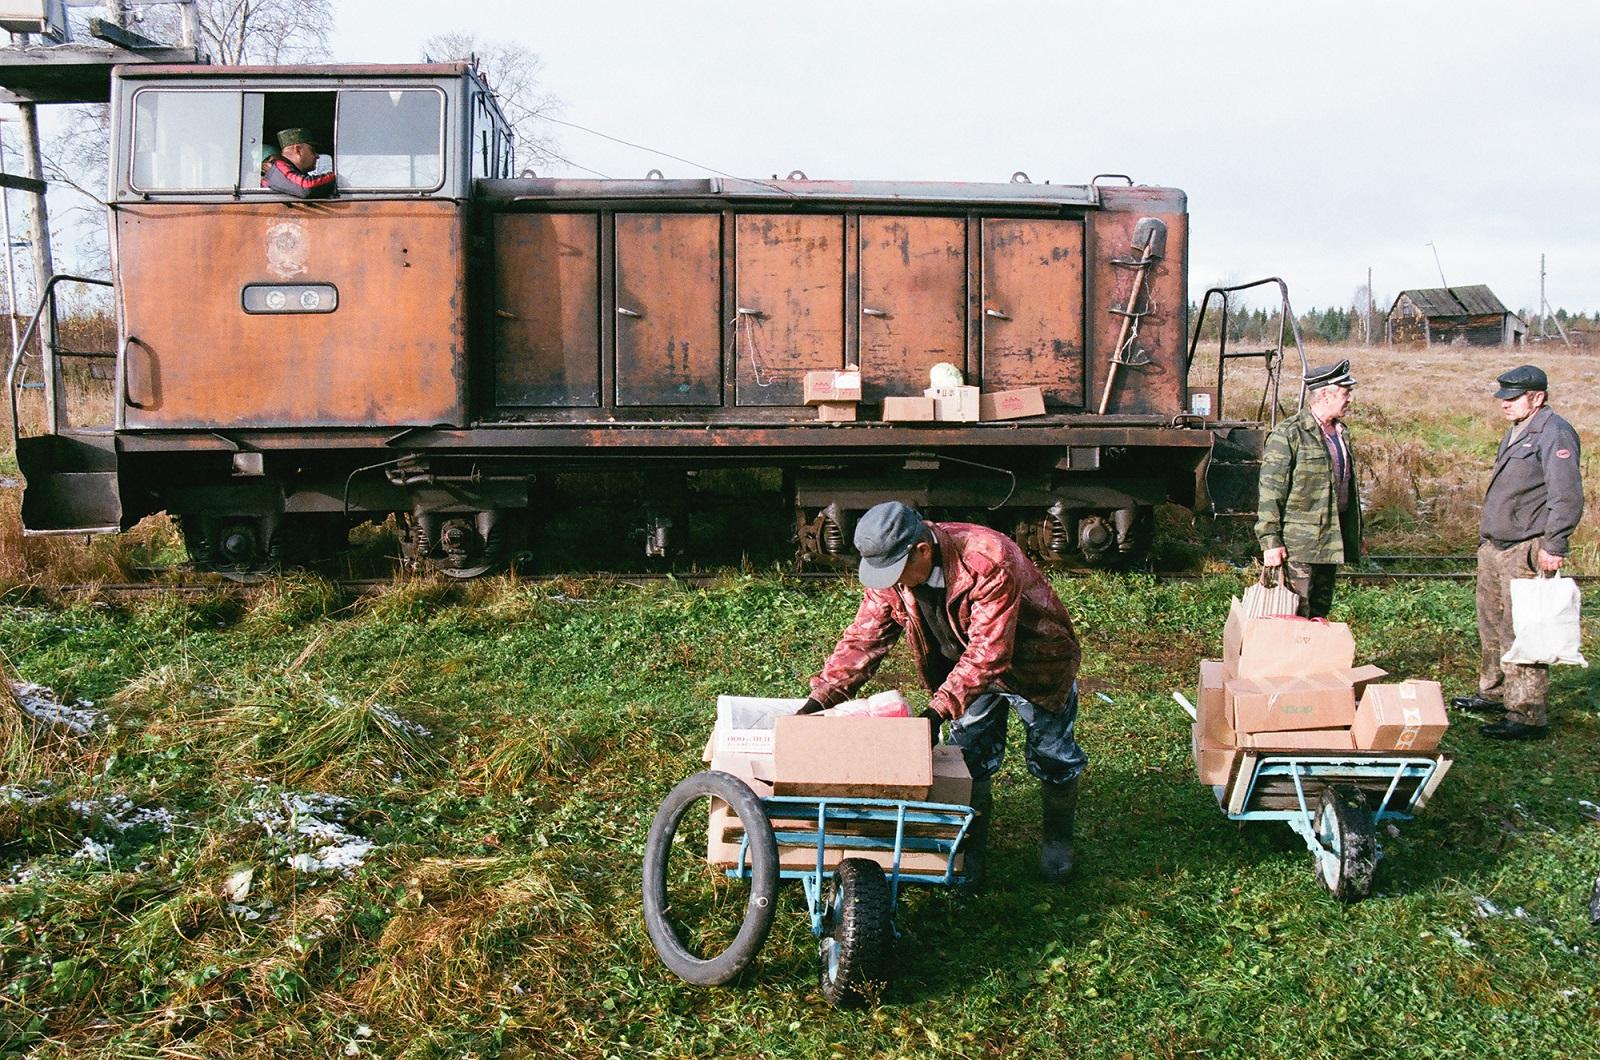 Lushma – die erste Station, an der Lebensmittel und Passagiere den Zug verlassen